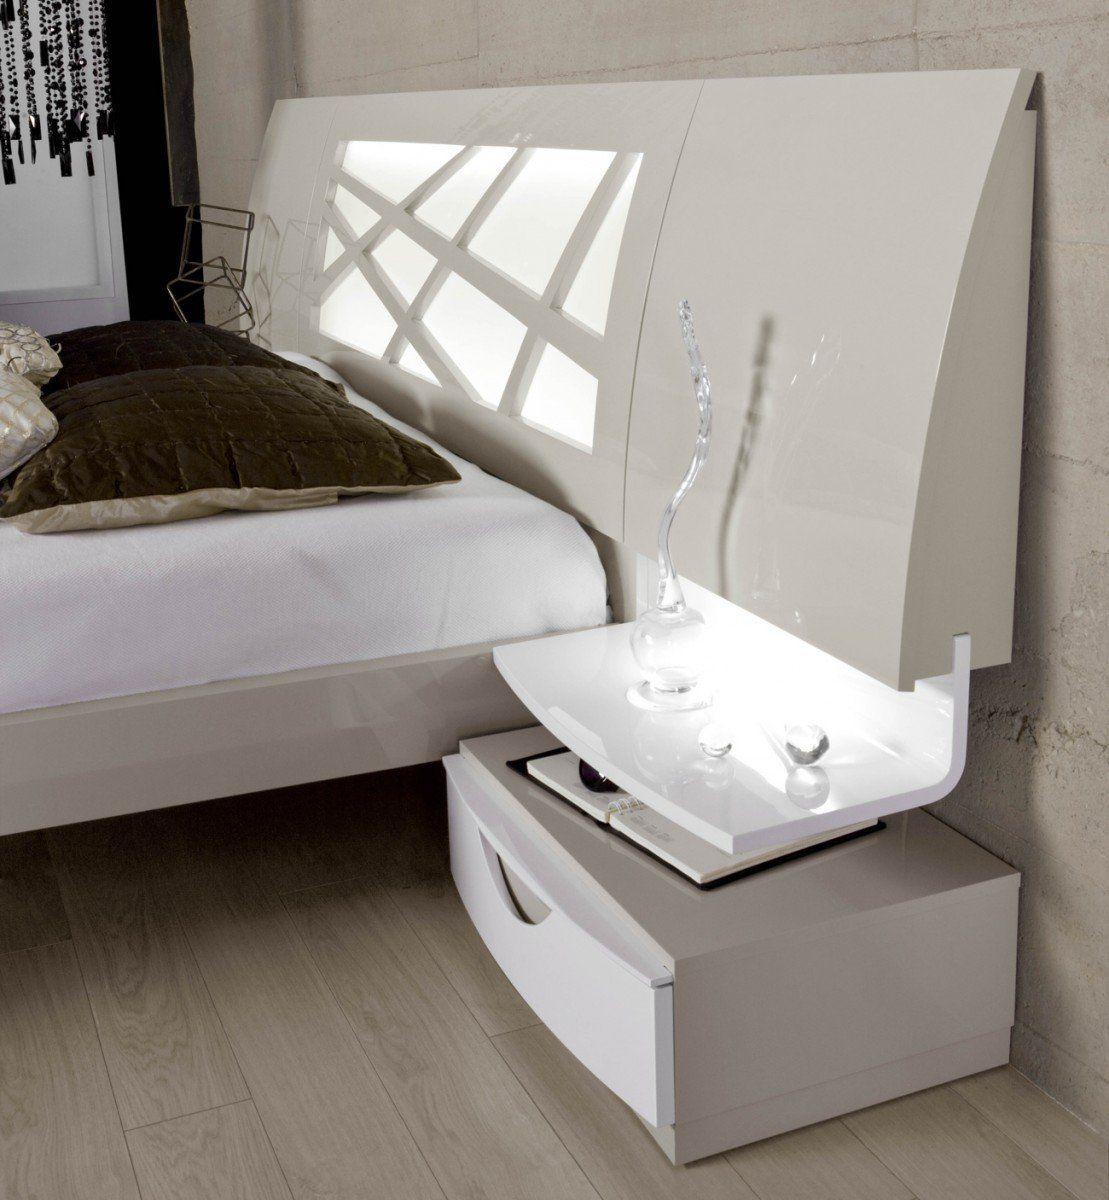 un dormitorio con un diseño exquisito con acabados lacados en